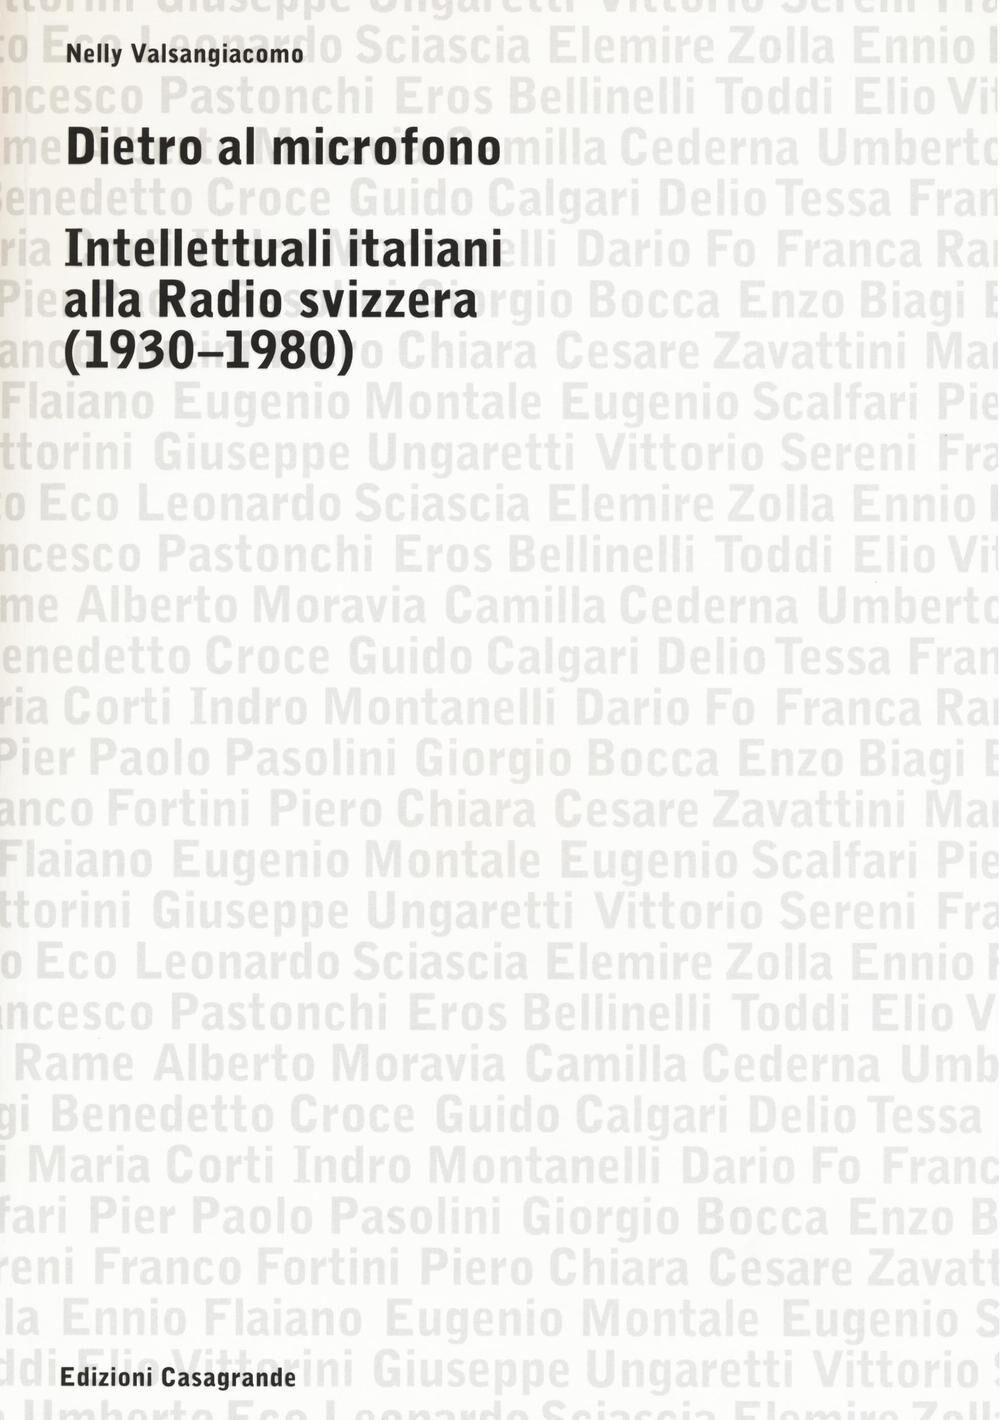 Dietro al microfono. Intellettuali italiani alla radio svizzera (1930-1980)